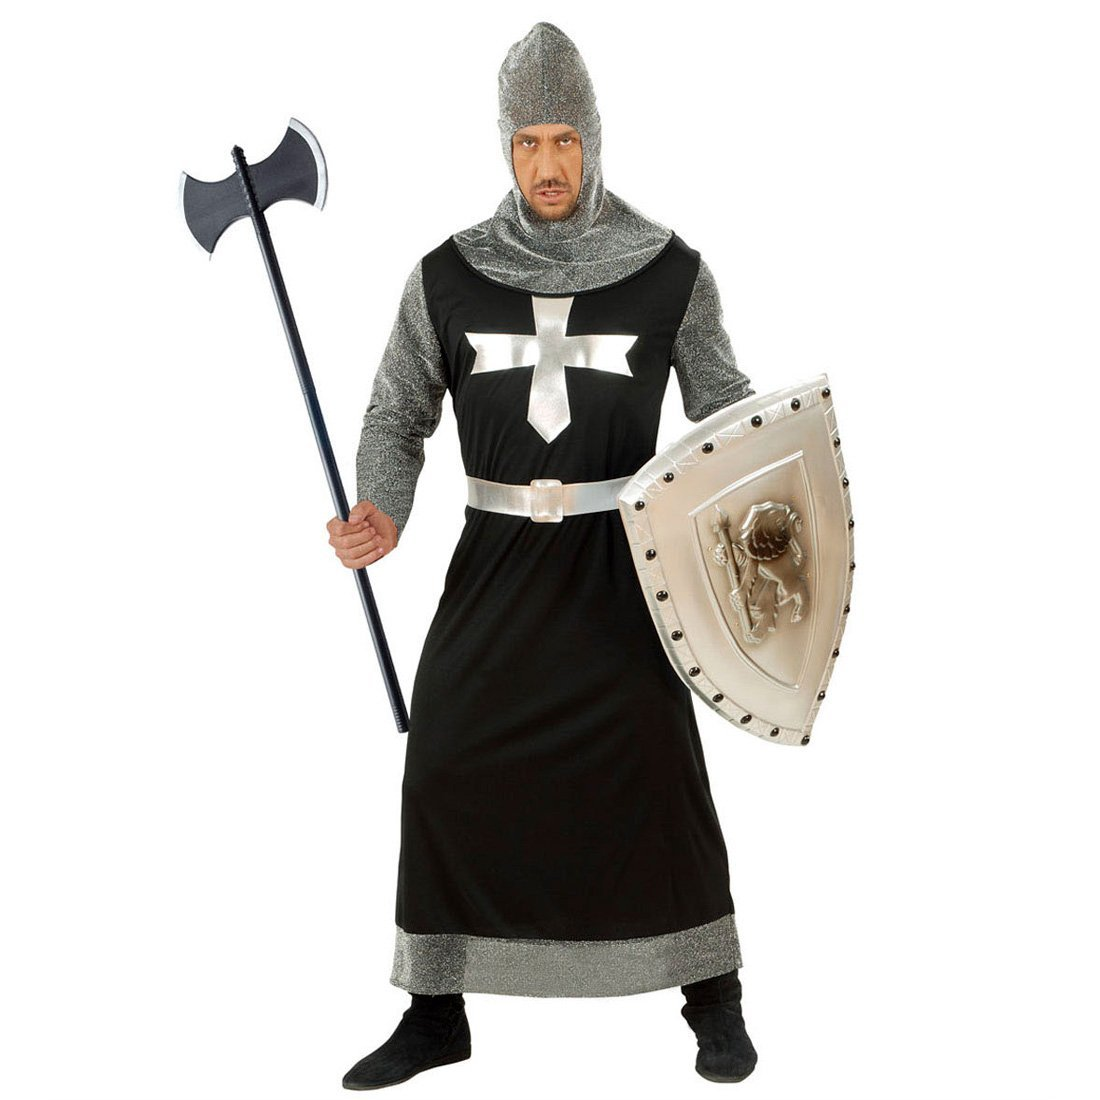 NET TOYS Longue hache double Faucheuse Moyen-/âge hache bourreau hache de chevalier hache de bourreau d/éguisement accessoire chevalier carnaval